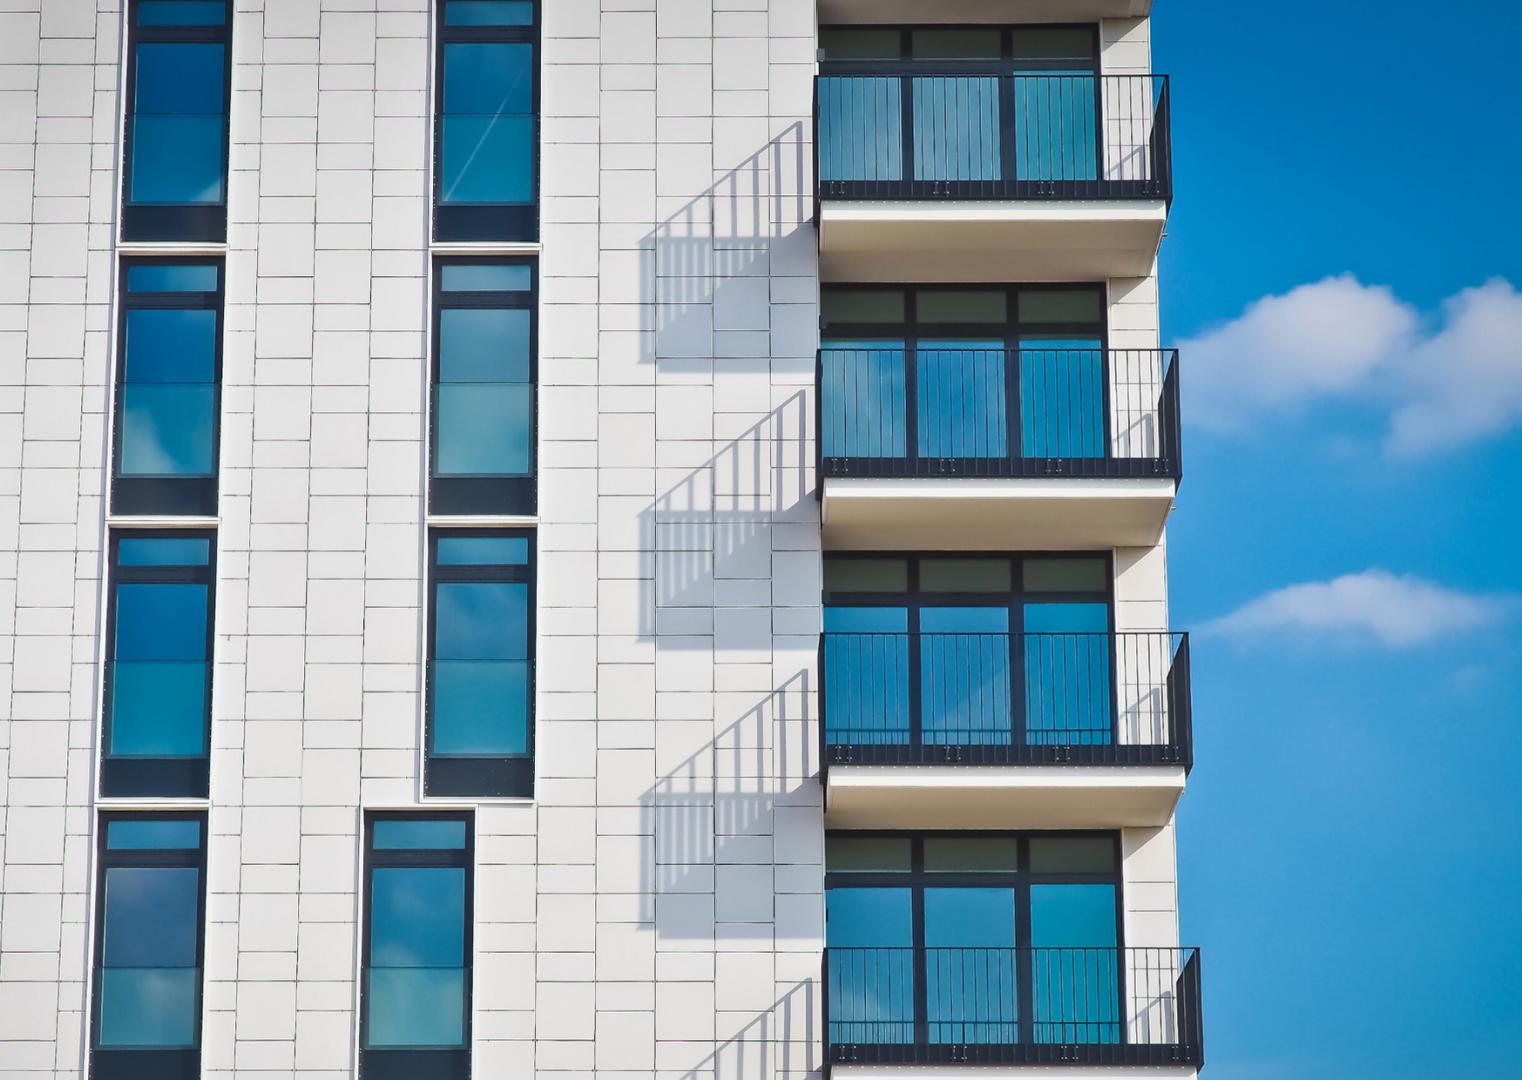 L'immobiliare tornerà a volare: le previsioni di Scenari Immobiliari